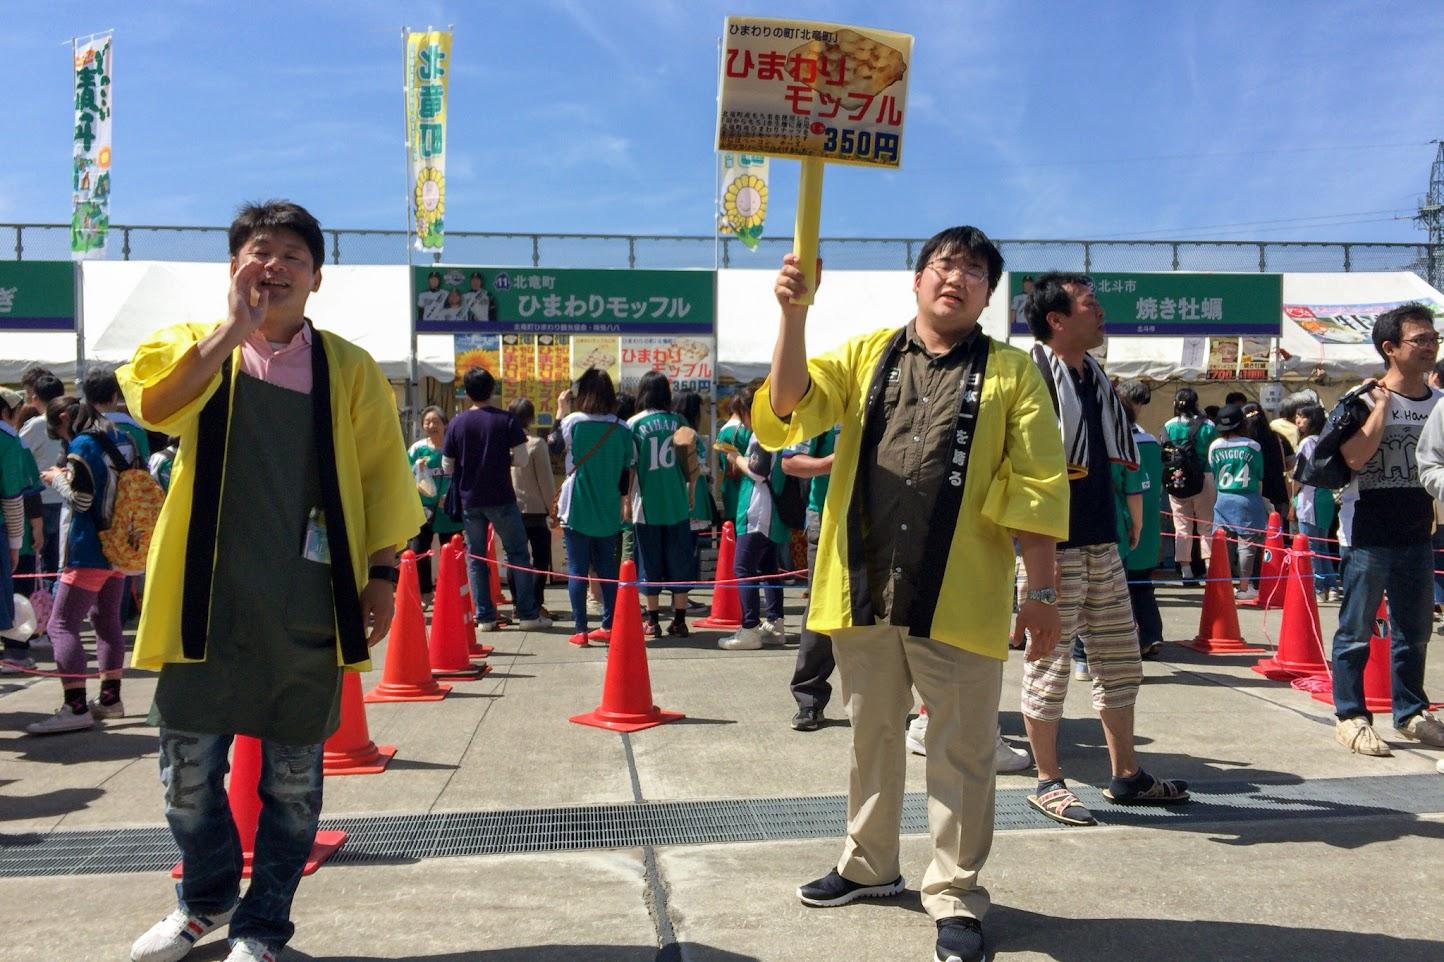 北竜町企画振興課・吉倉裕策 係員(右)、地域おこし聴力隊員・山森和也さん(左)